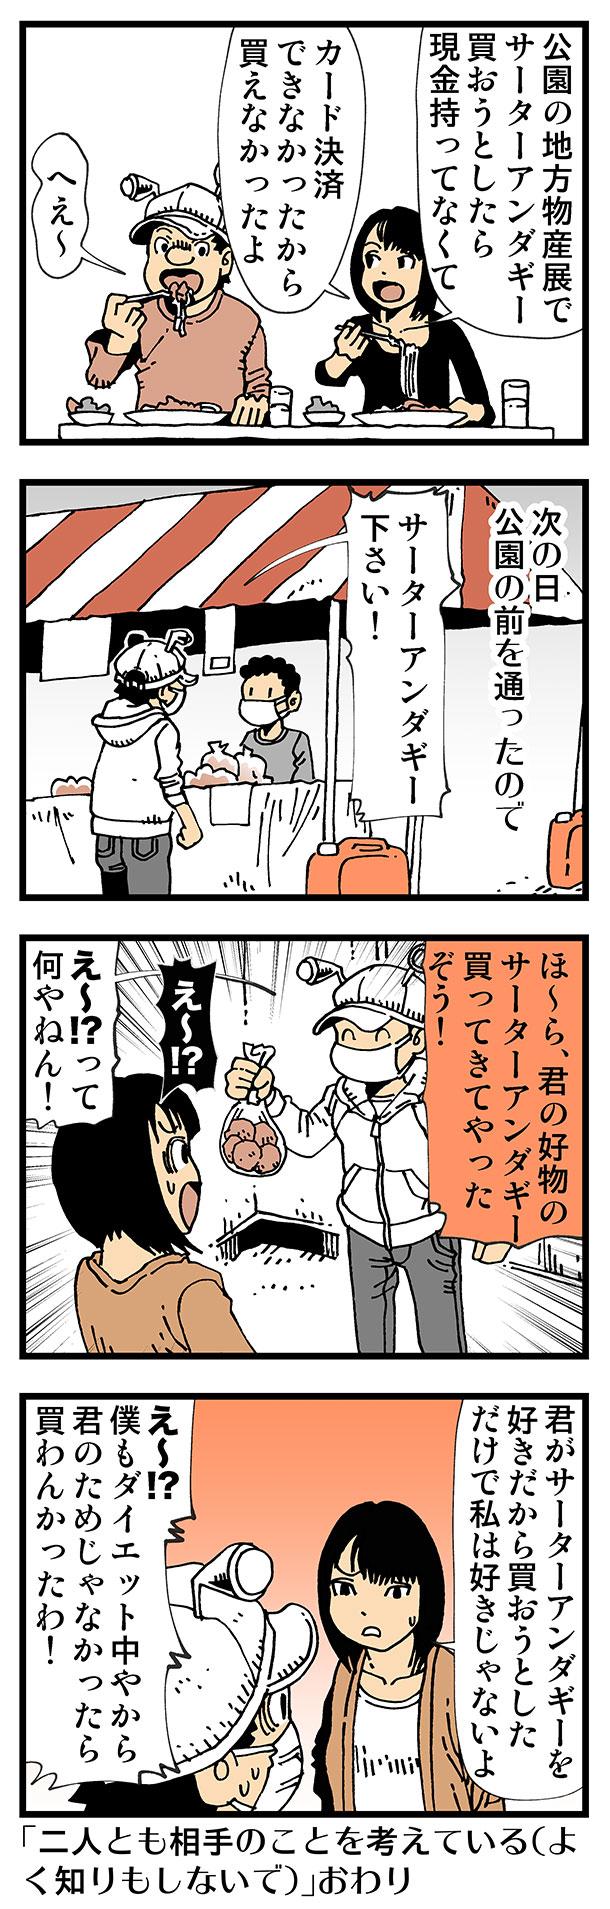 【普通】沖縄のお菓子美味しい